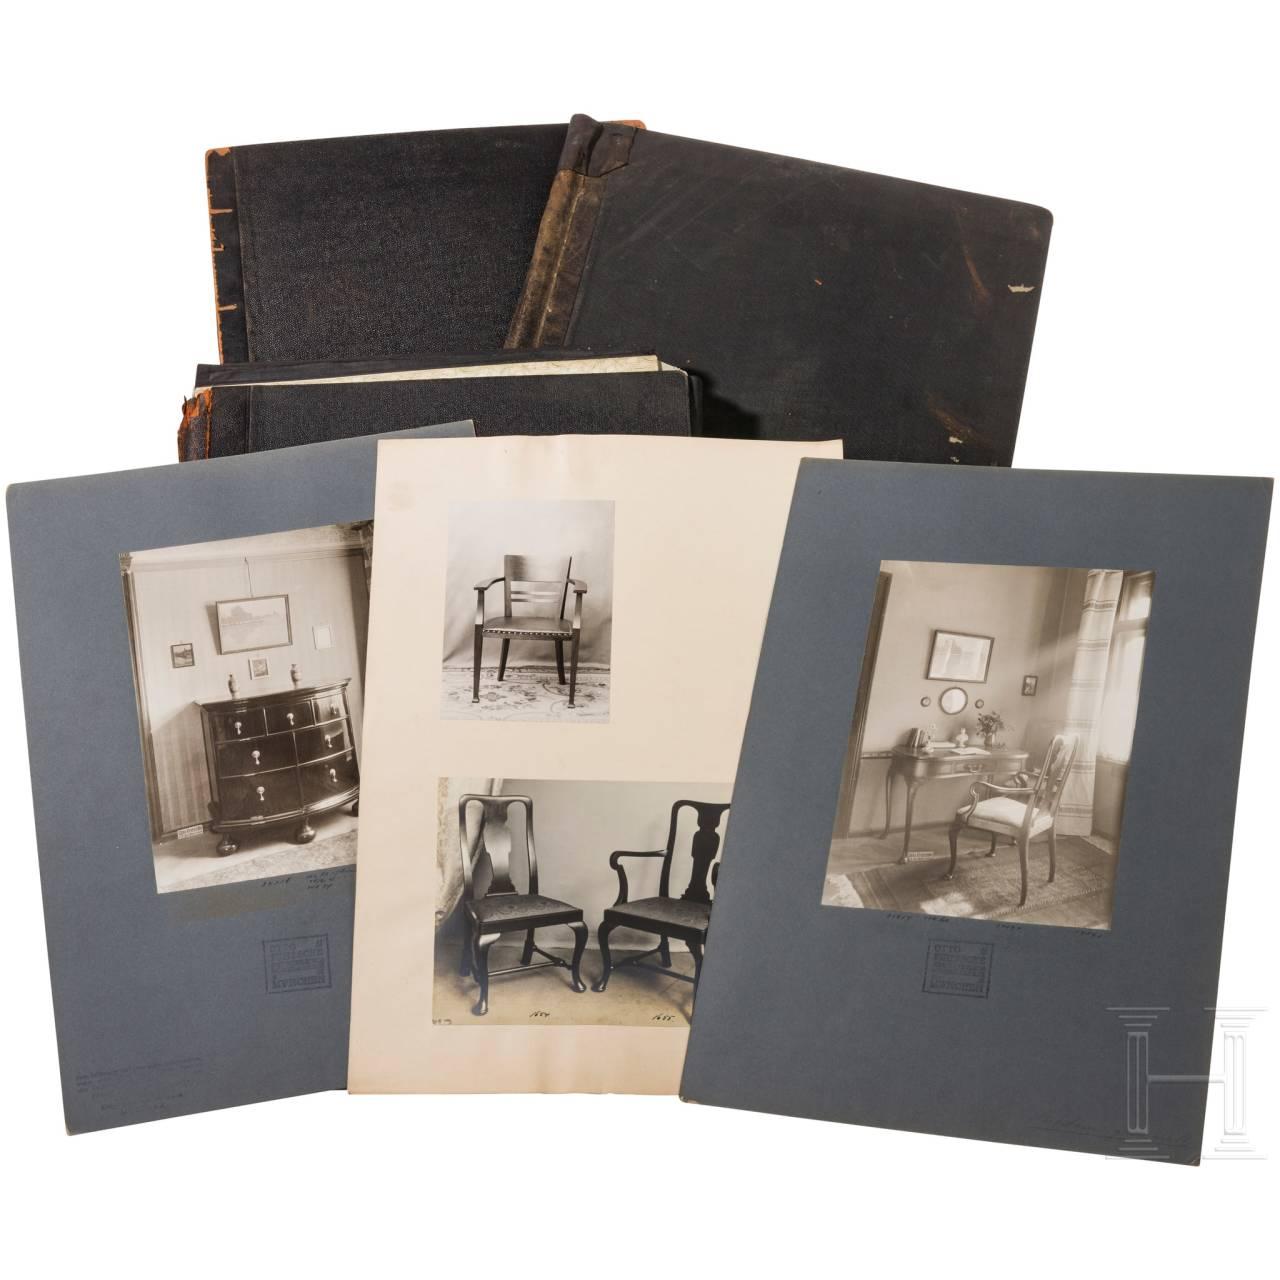 Kunstgewerbliche Werkstätte Otto Fritzsche, drei Fotomappen mit Möbeln und Inneneinrichtung, München, um 1900 bis 1930